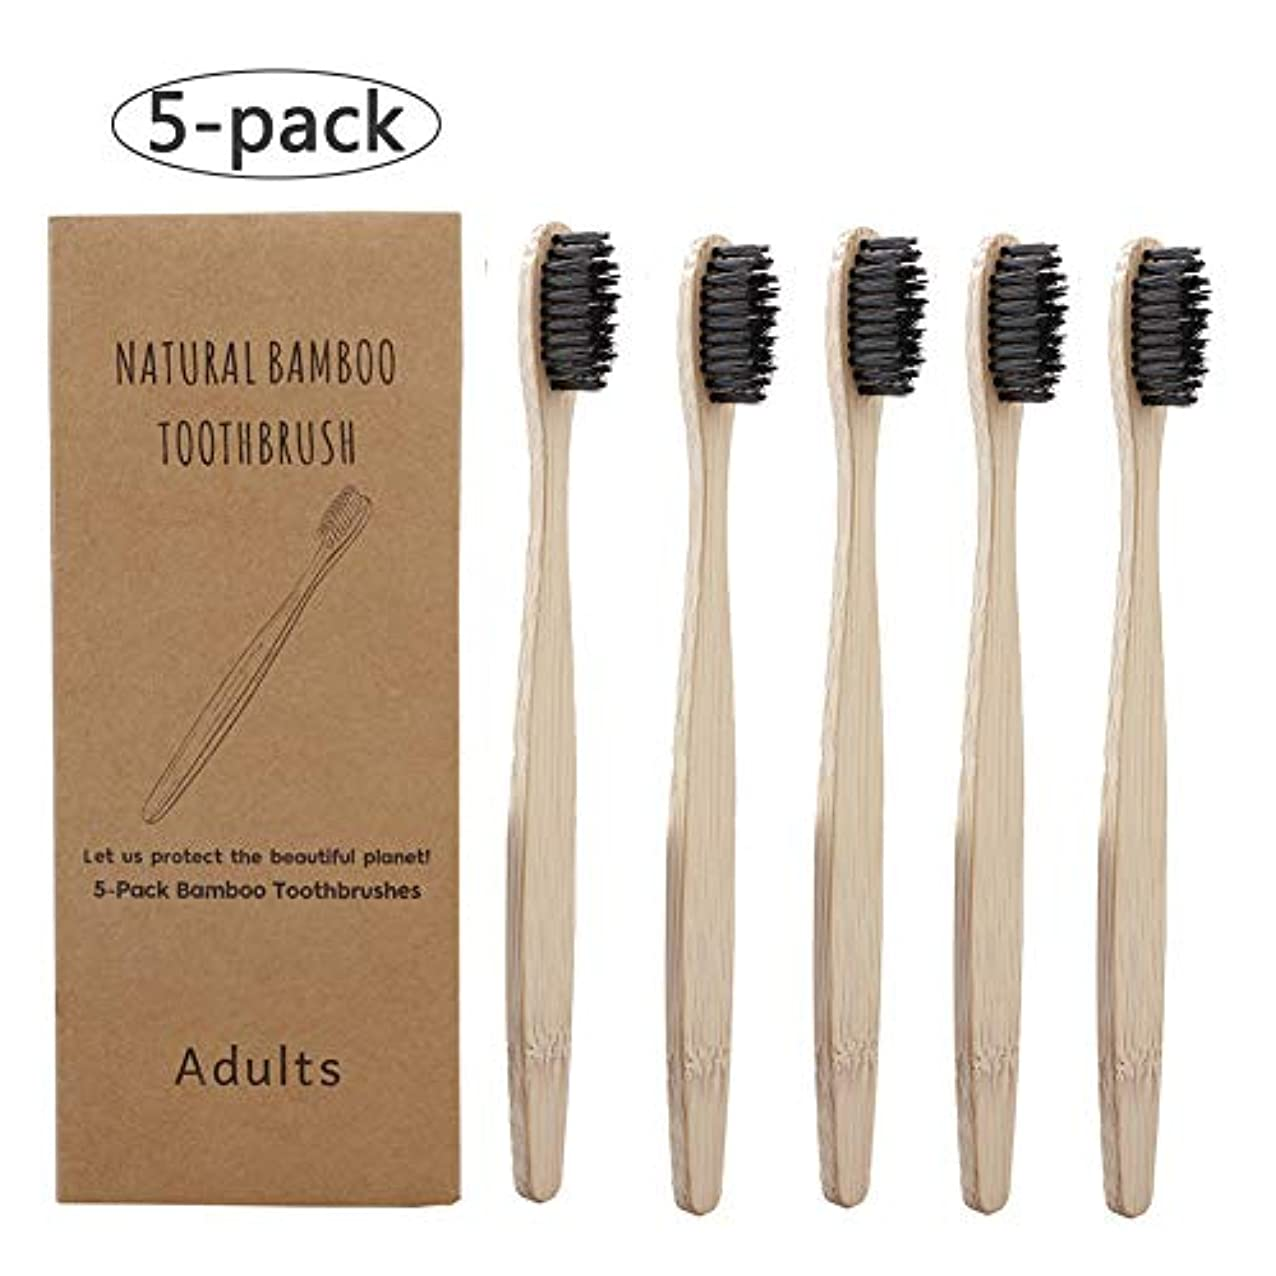 特殊ルーキーコンペPannow 5pcs 歯ブラシ 大人用 竹歯ブラシ 軟毛歯ブラシ 口腔ケア 柔らかい剛毛 5本 環境にやさしい 天然竹製 ハンドル ブラックヘッド